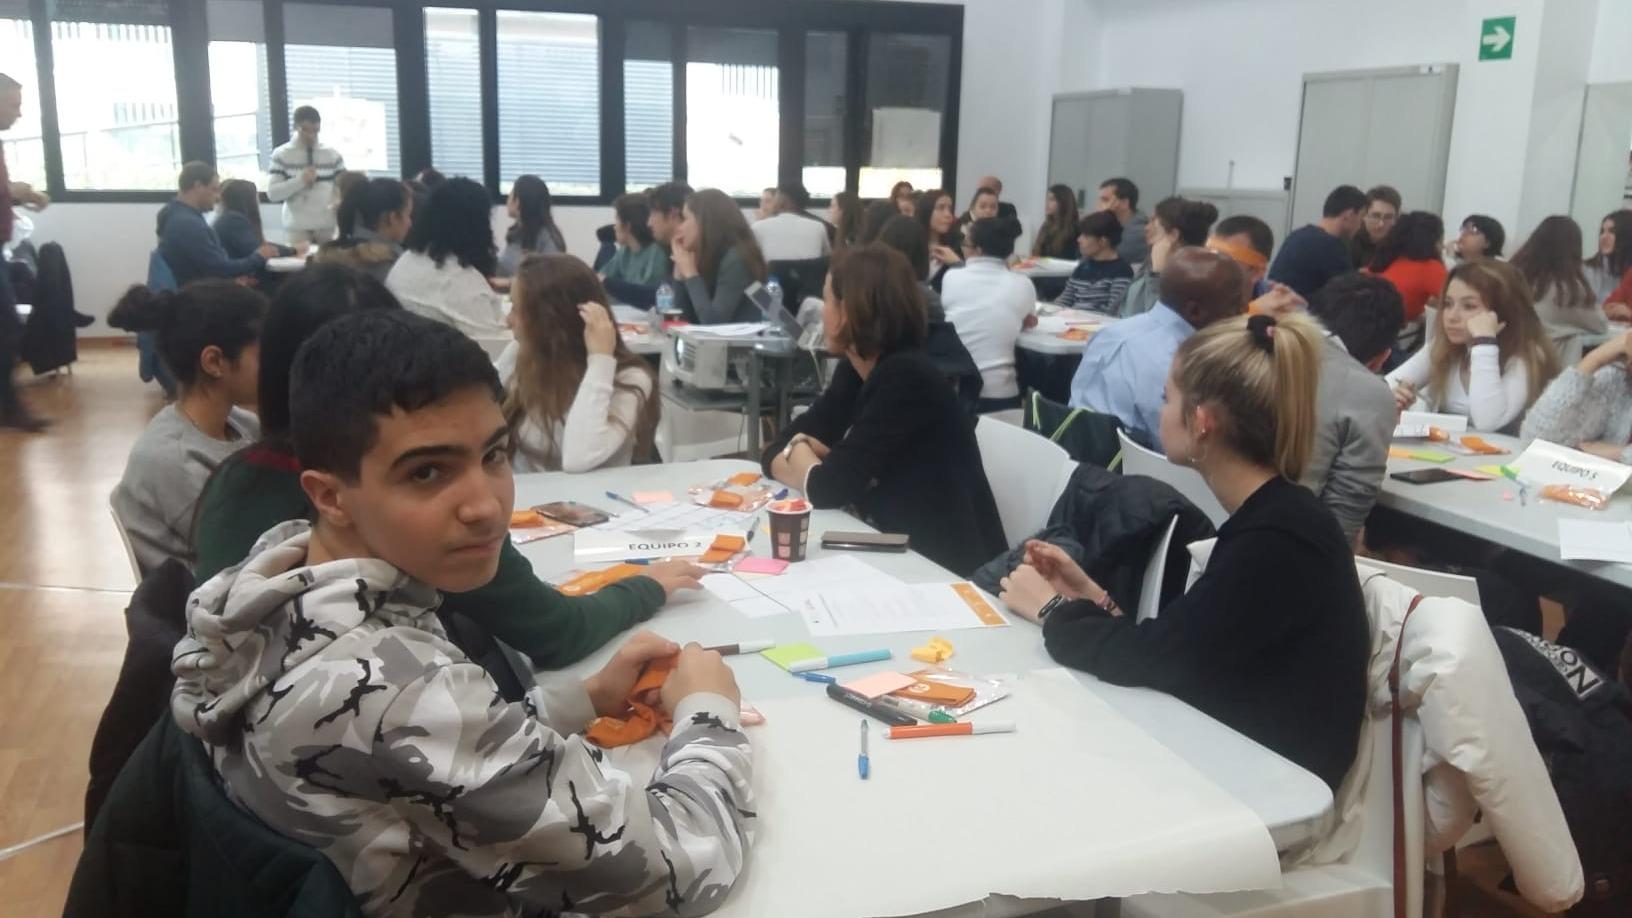 Nuestros alumnos de 4º de ESO participan en un campamento de emprendimiento, innovación y creatividad